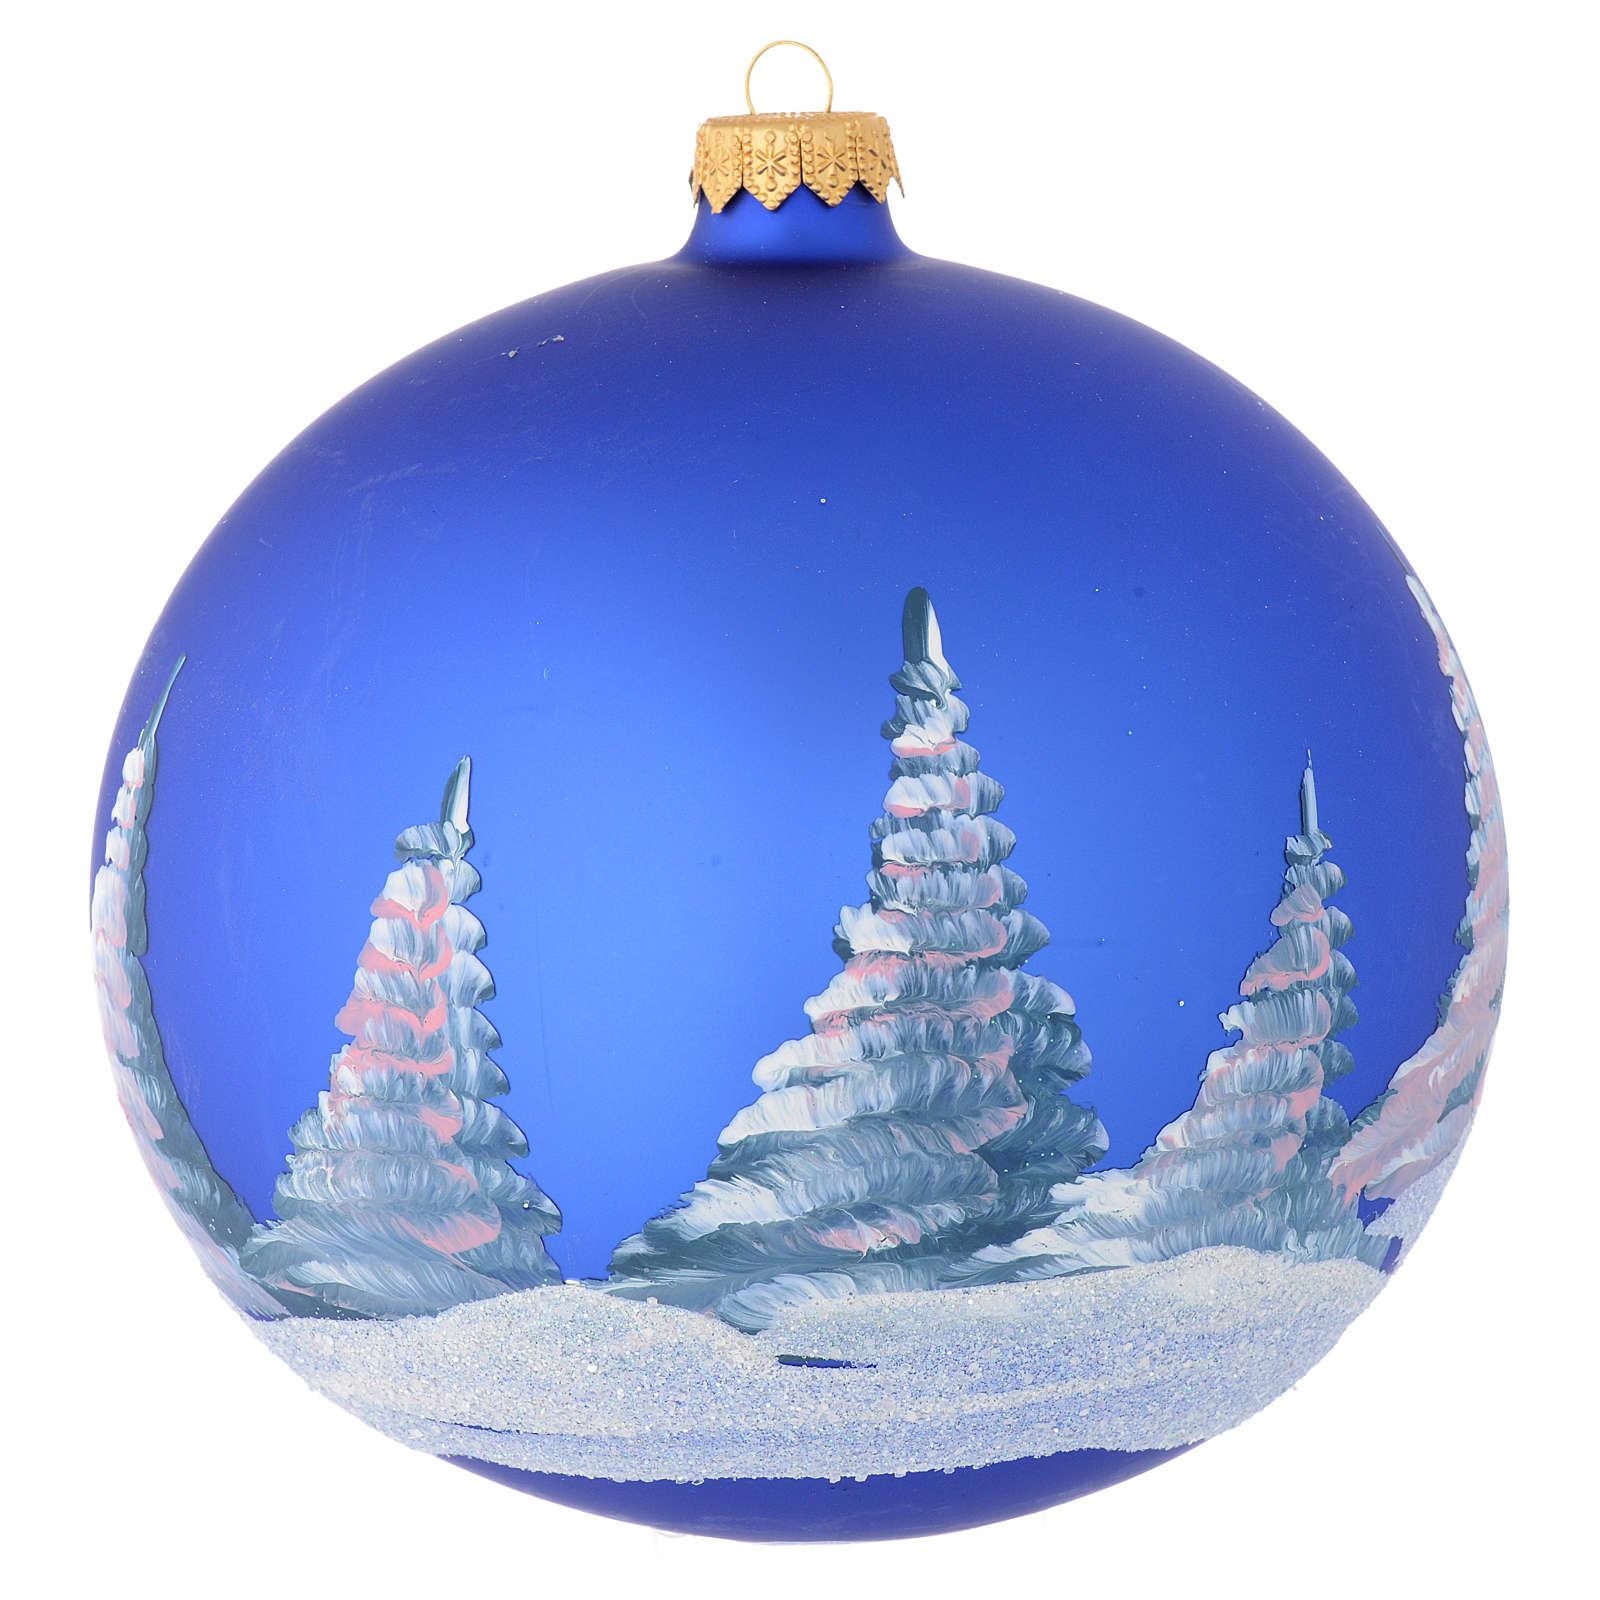 Tannenbaumkugel blauem Glas Decoupage Bild 150mm 4